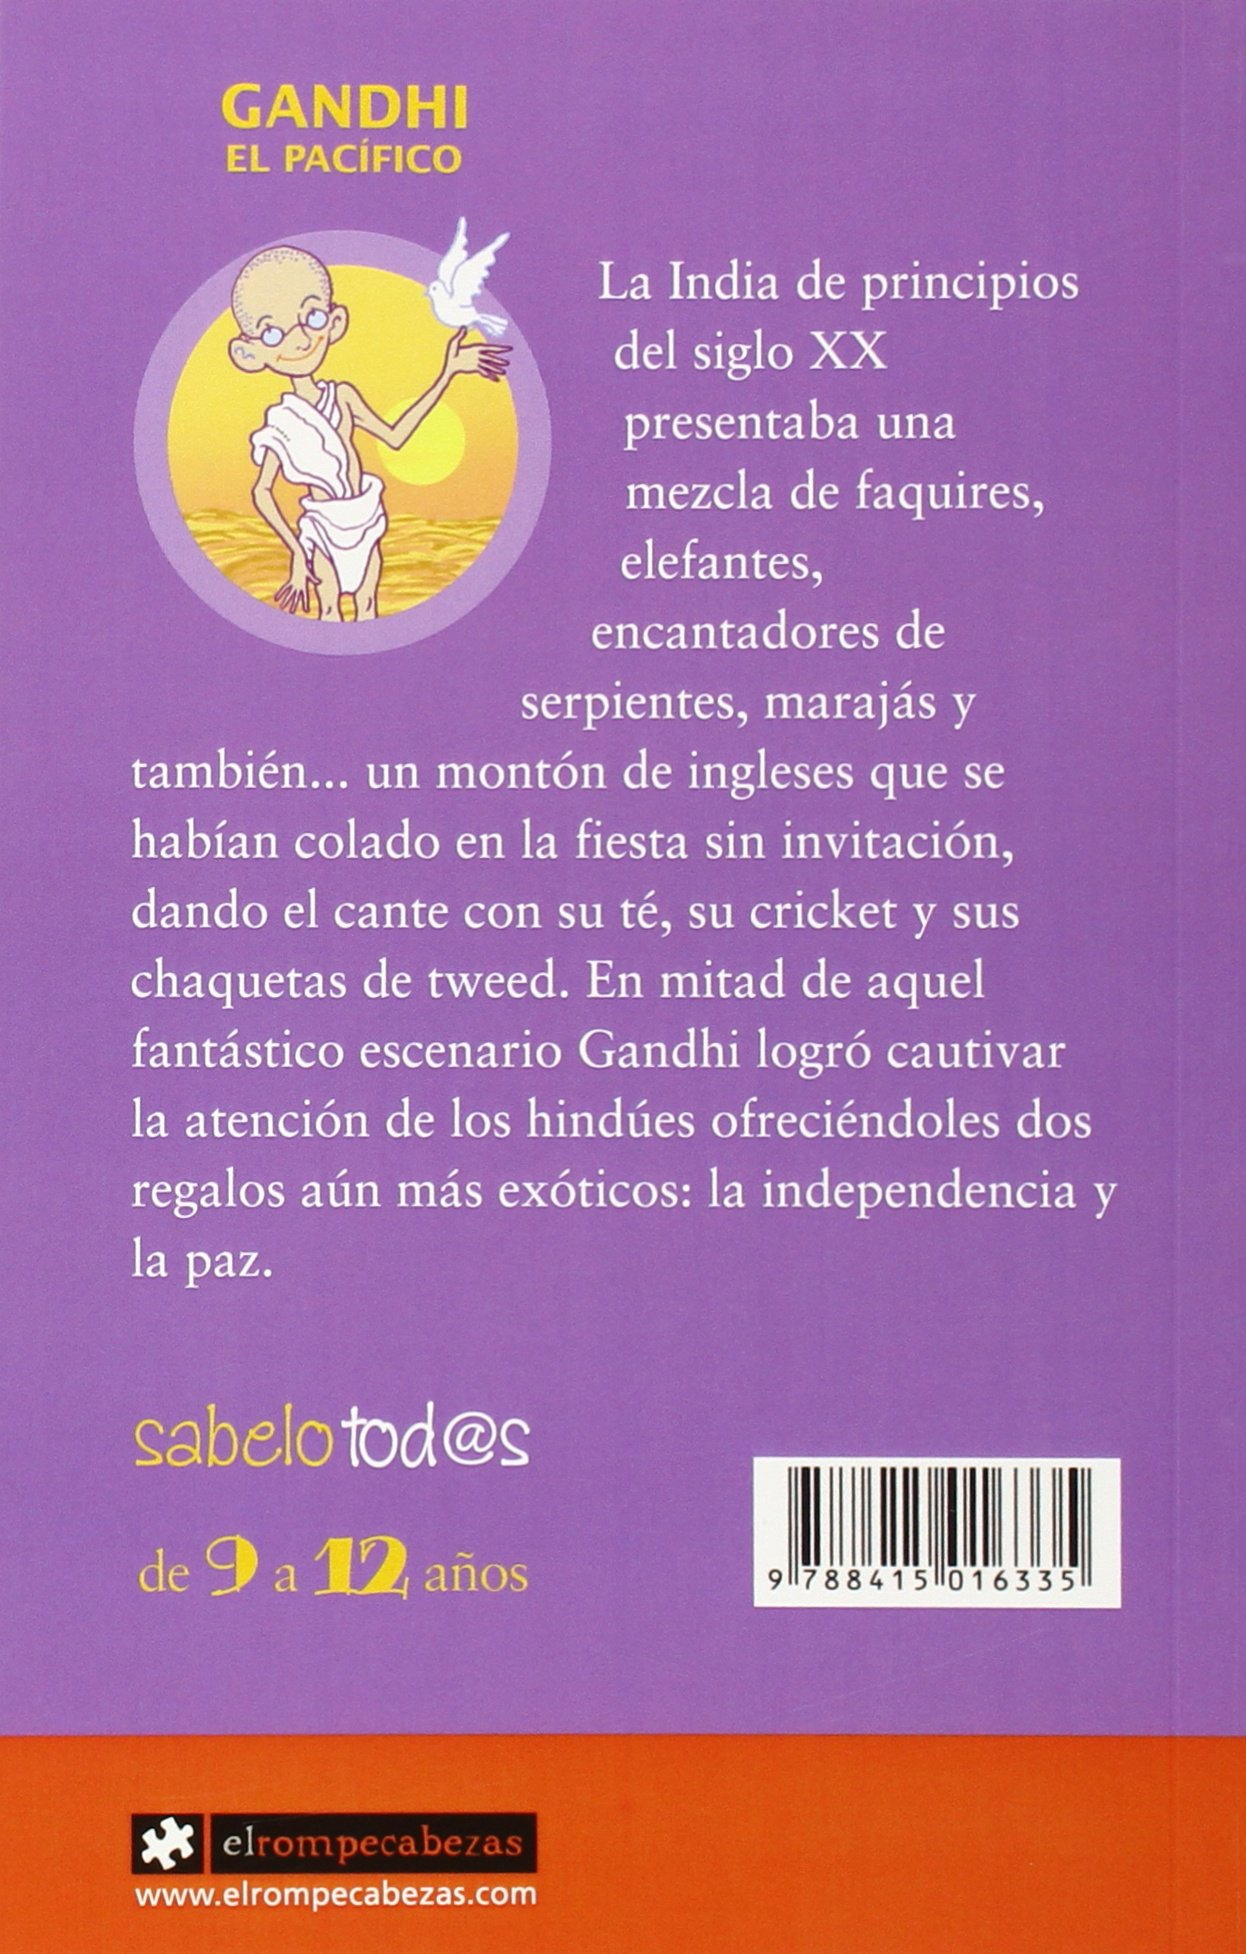 GANDHI EL PACIFICO. ROMPECABEZAS: Gorka Calzada Terrones ...